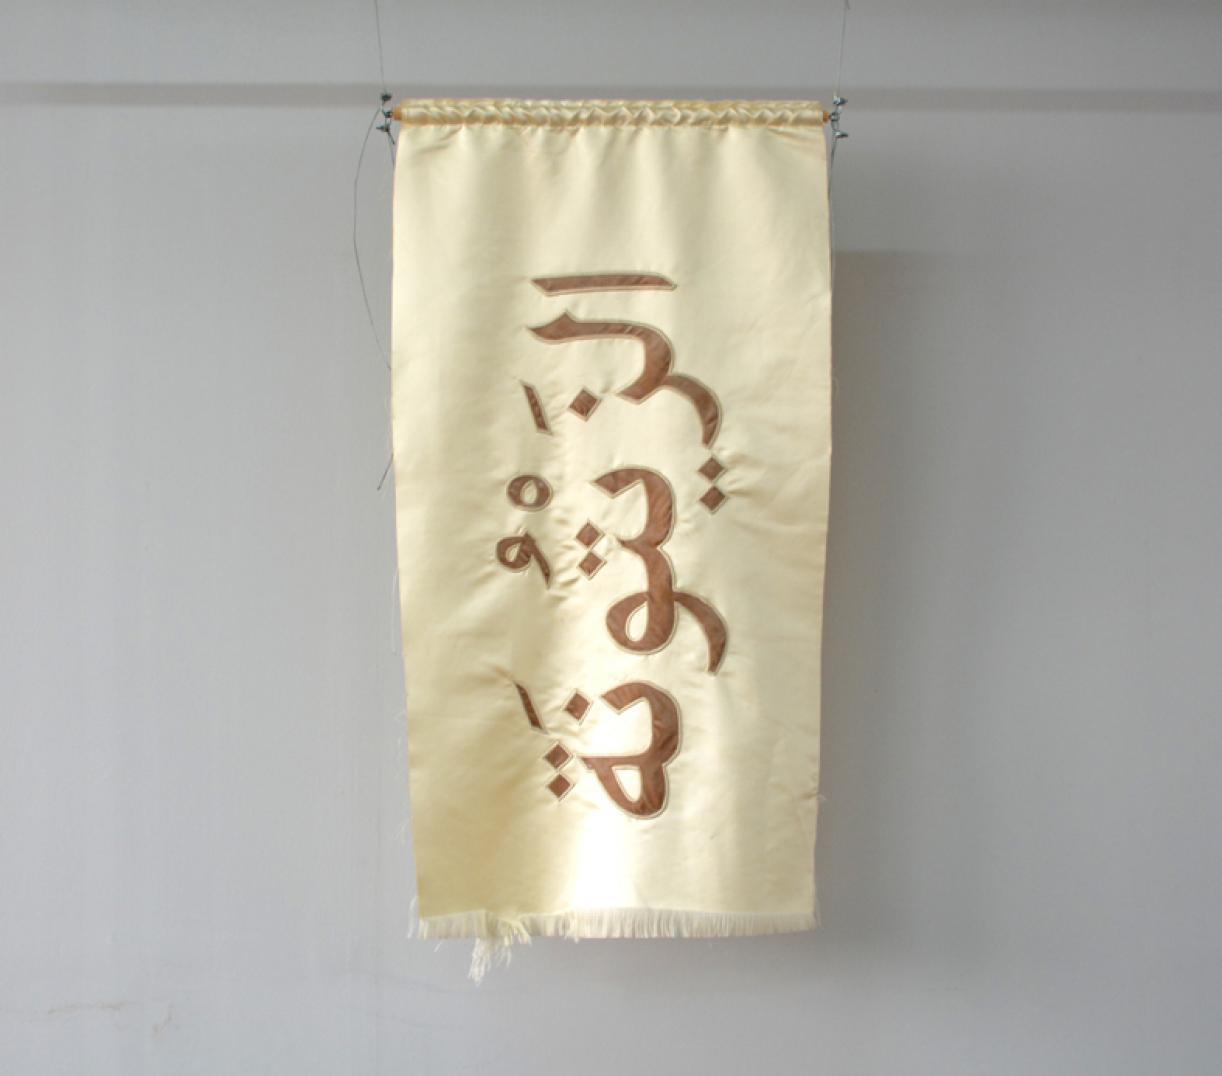 Blazon: Ain Mreisse, El Zaytouneh Text, 2015, Embroidery and applique on textile, 123 x 64 cm, Ed. 3 + 2 AP